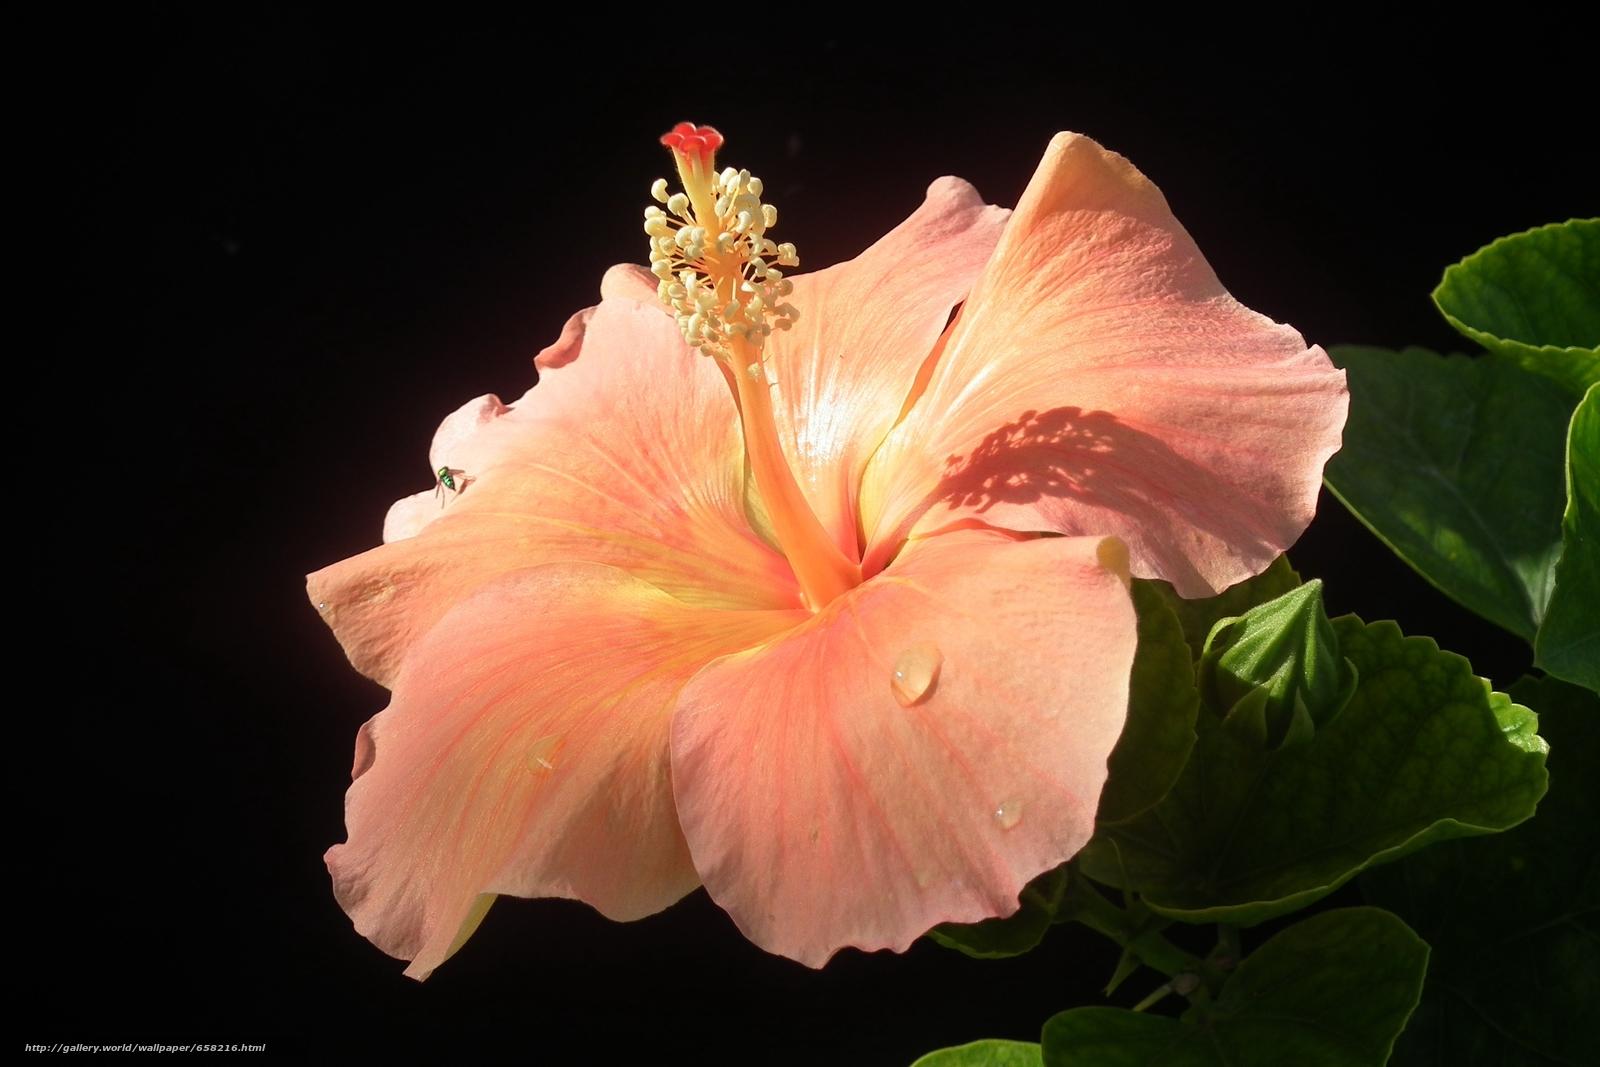 scaricare gli sfondi ibisco,  Ibisco,  Fiori,  fiore Sfondi gratis per la risoluzione del desktop 2592x1728 — immagine №658216